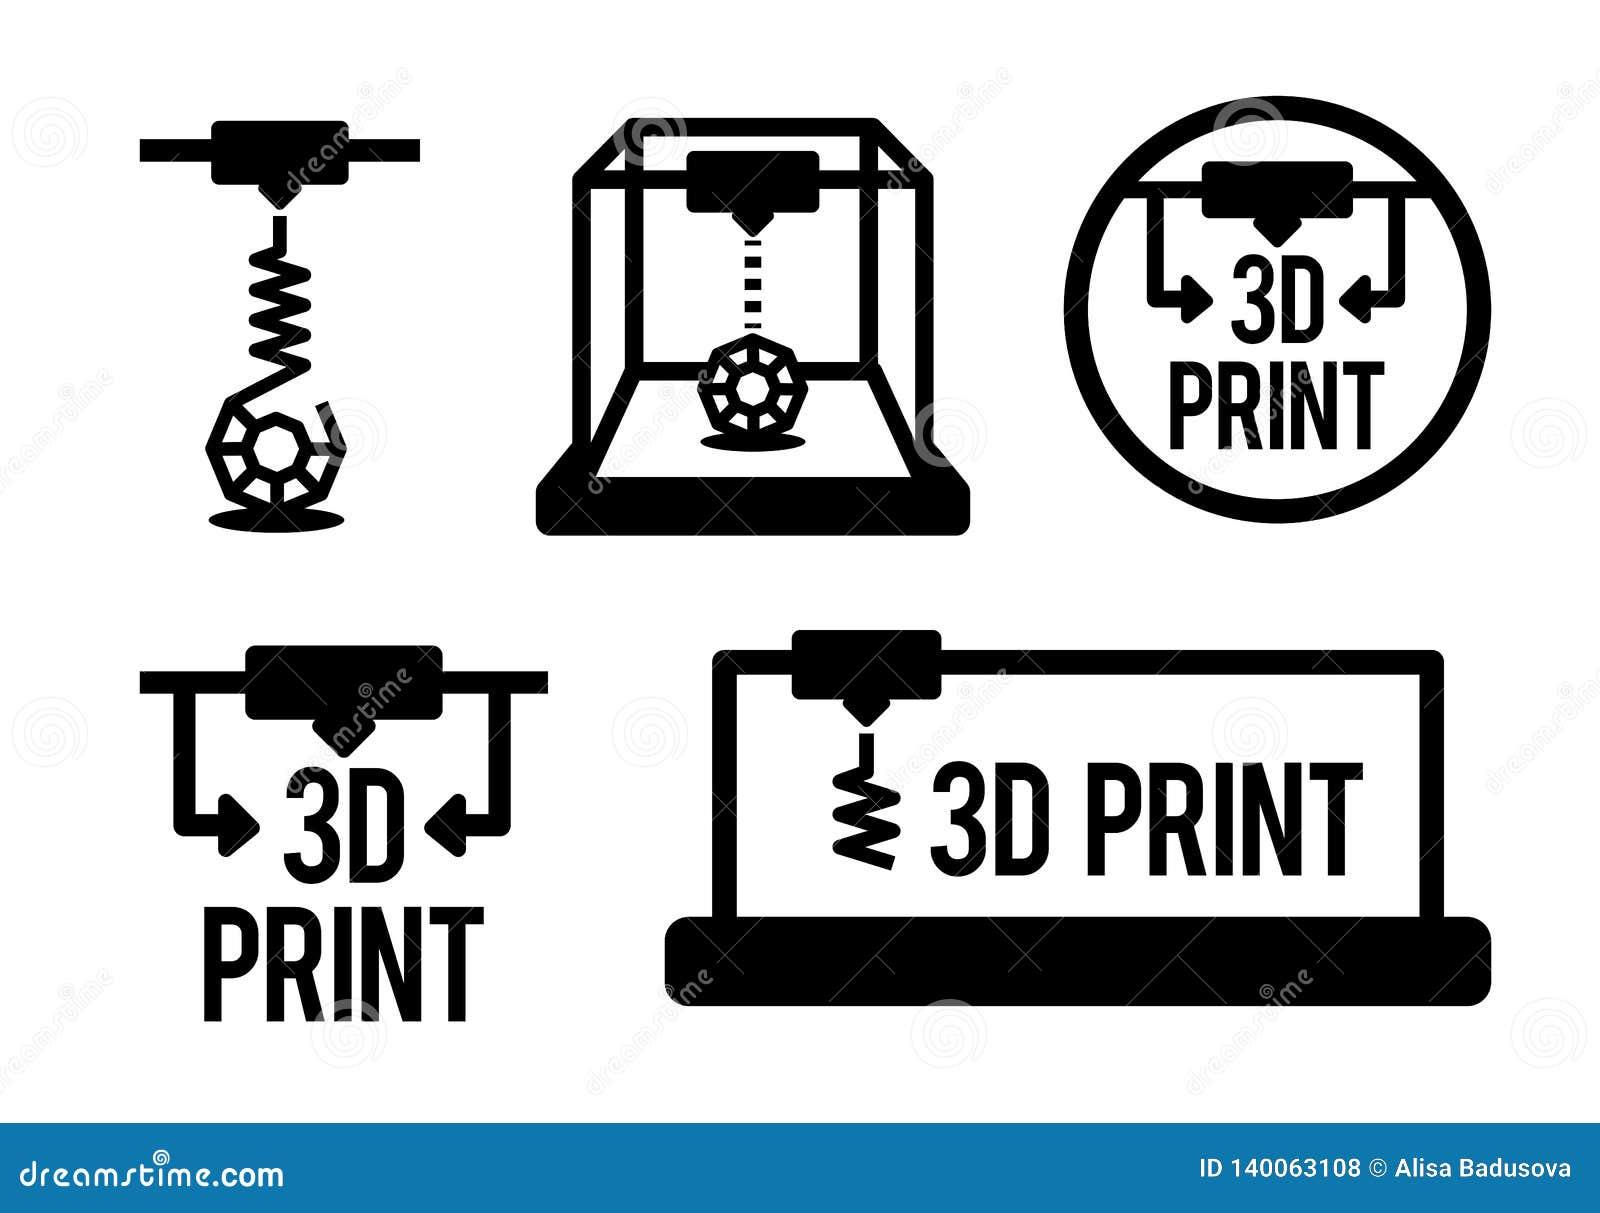 Illustrazione di vettore del processo di stampa 3d nel colore nero isolata sul fondo del vhite